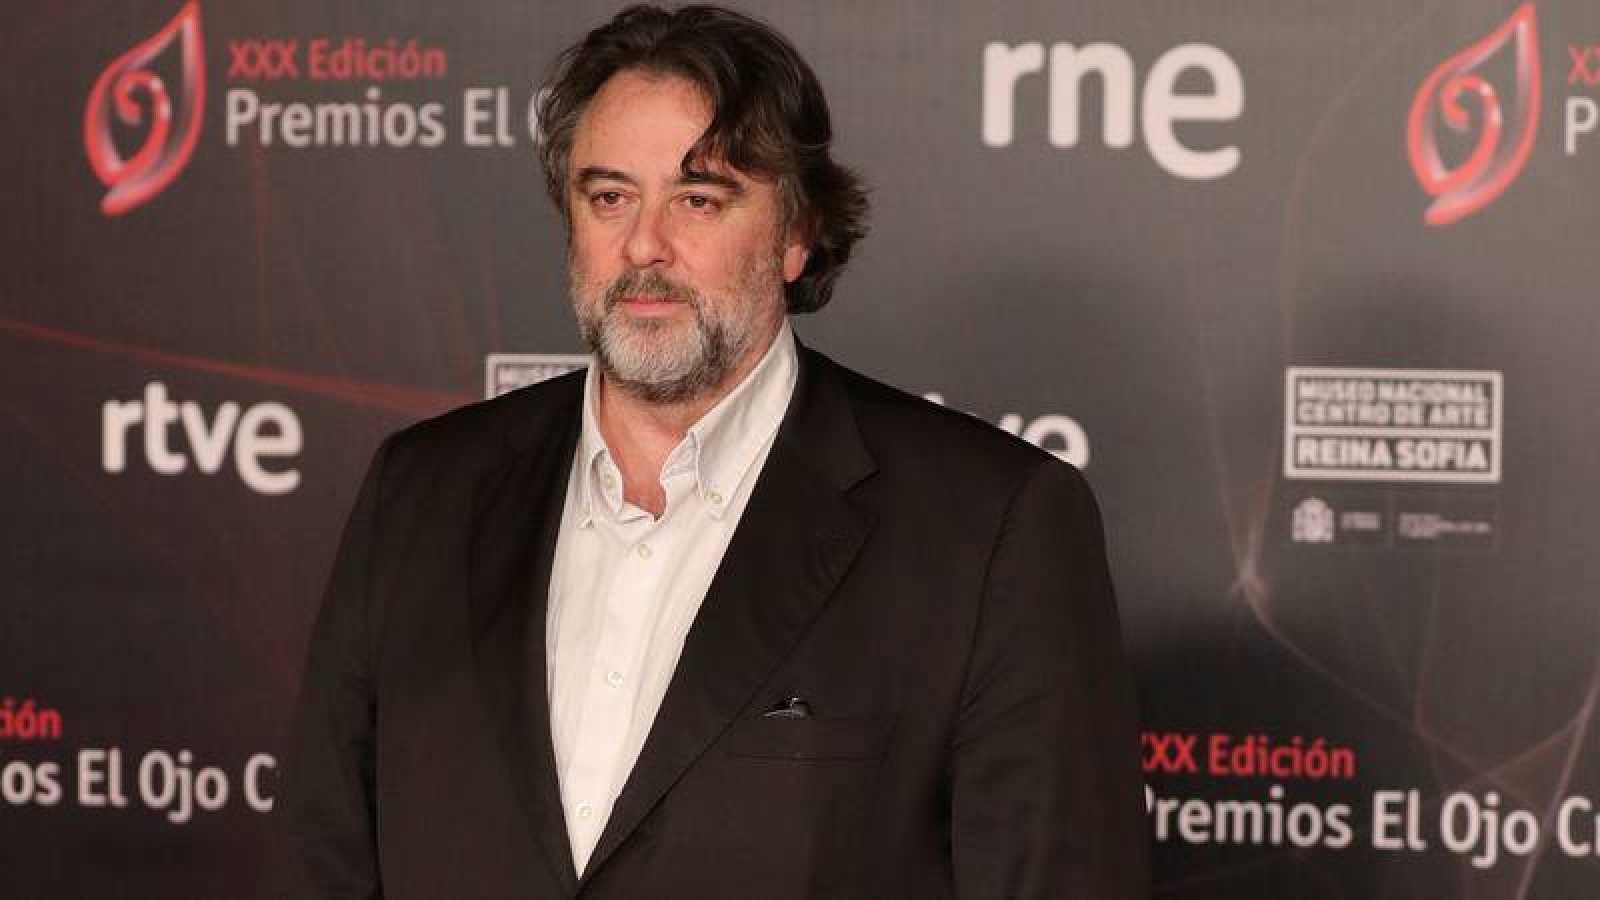 """Entrega de los XXX Premios """"El ojo crítico"""" en Madrid"""